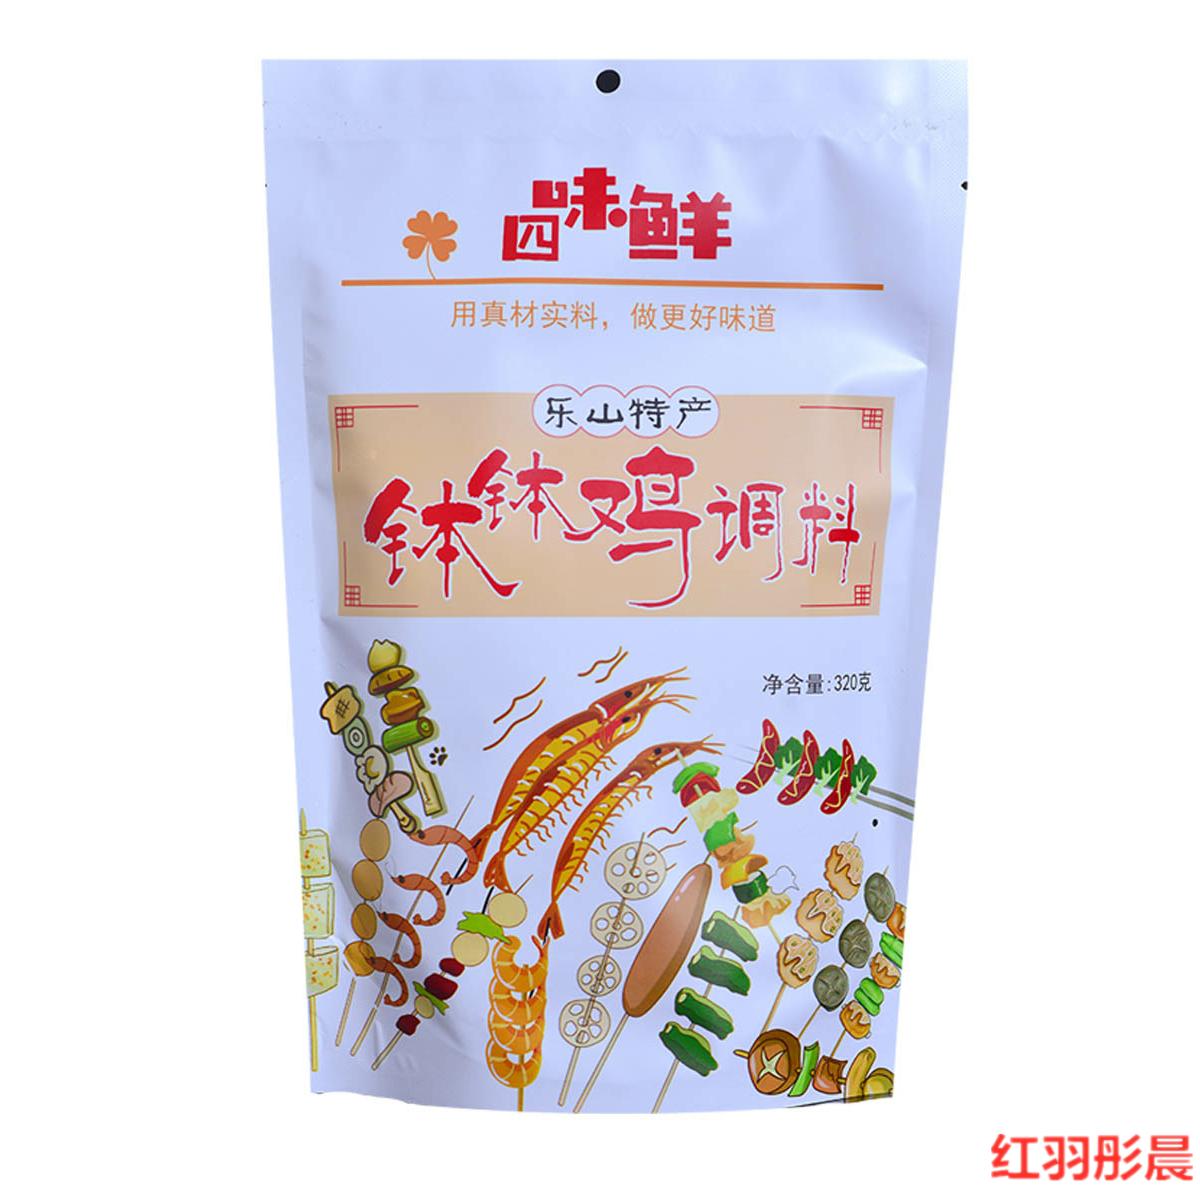 新货四川乐山钵钵鸡调料棒棒鸡冷串串盆底料小火锅熟食速食调料